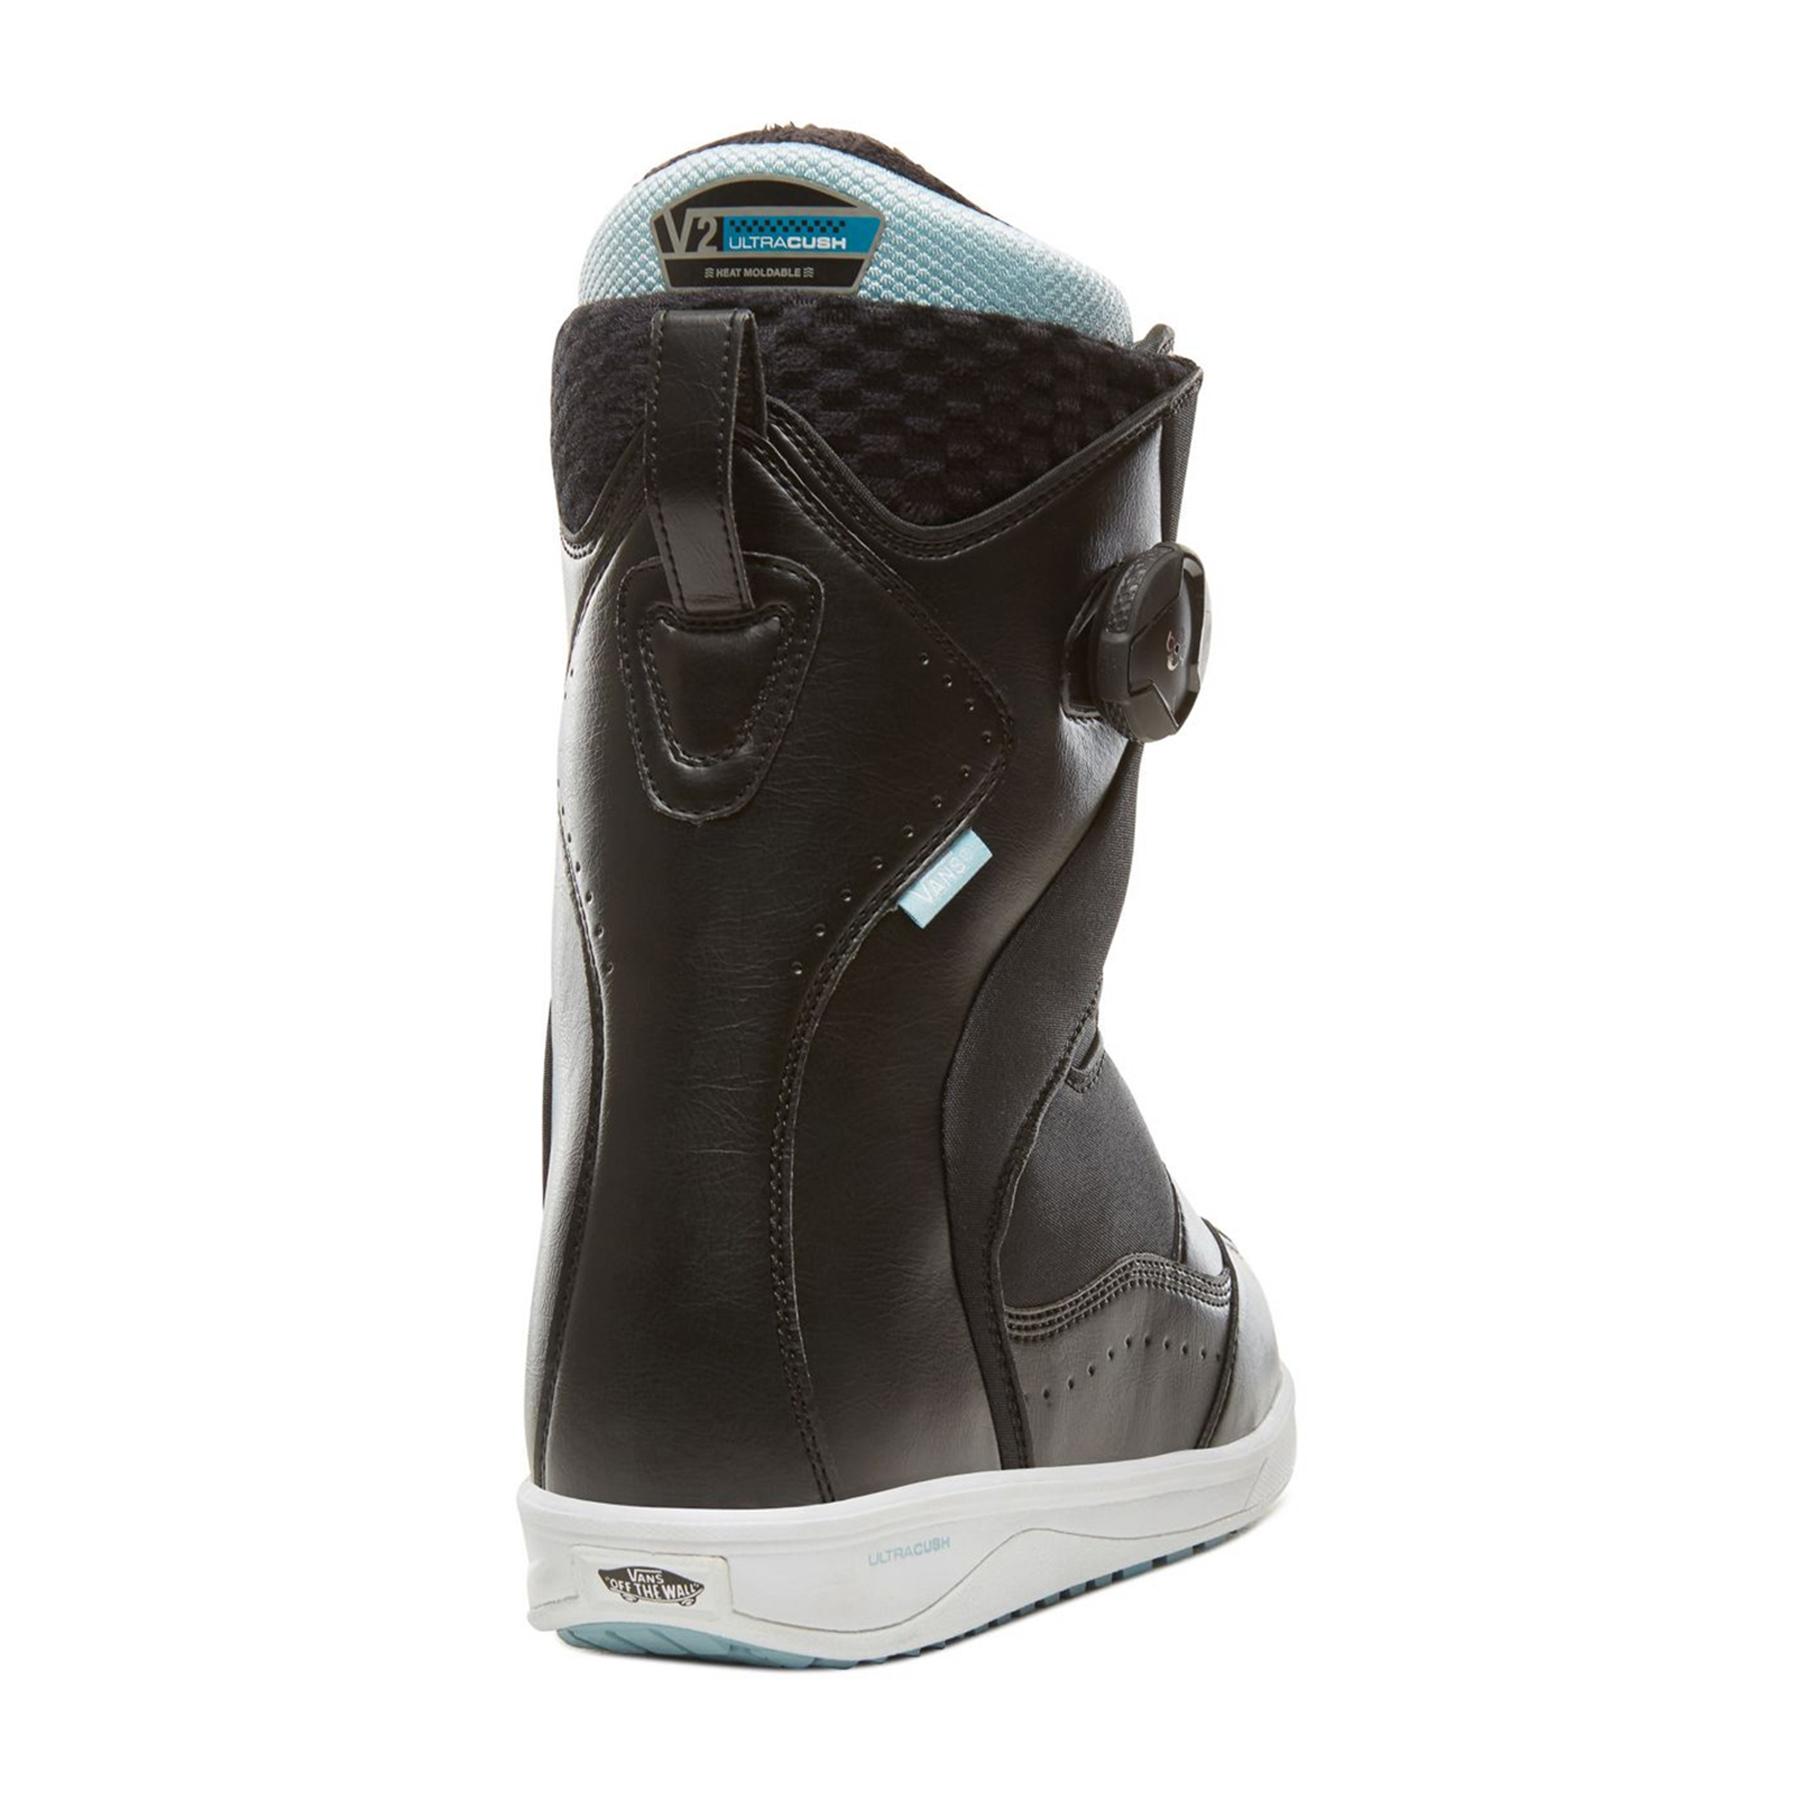 Vans Encore Pro Dames Snowboard Boots beschikbaar bij Surfdome